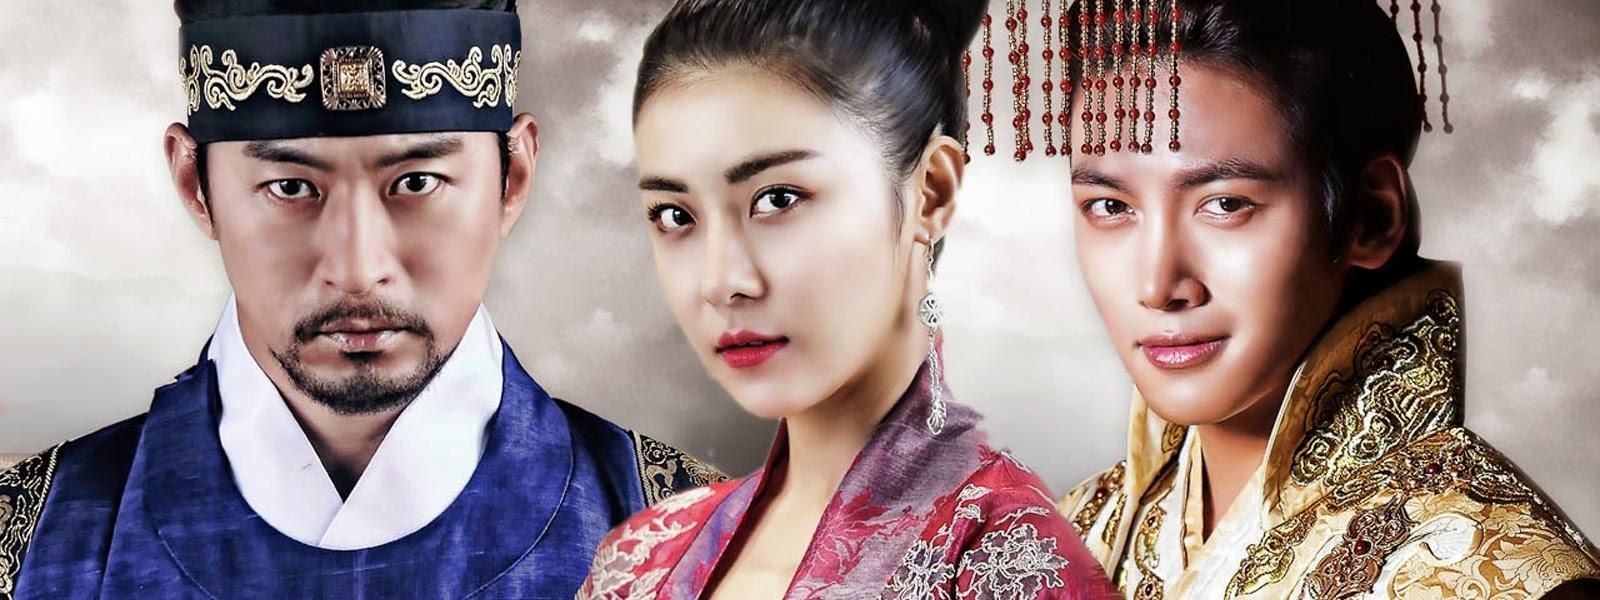 Hoàng Hậu Ki - Empress Ki (2013)